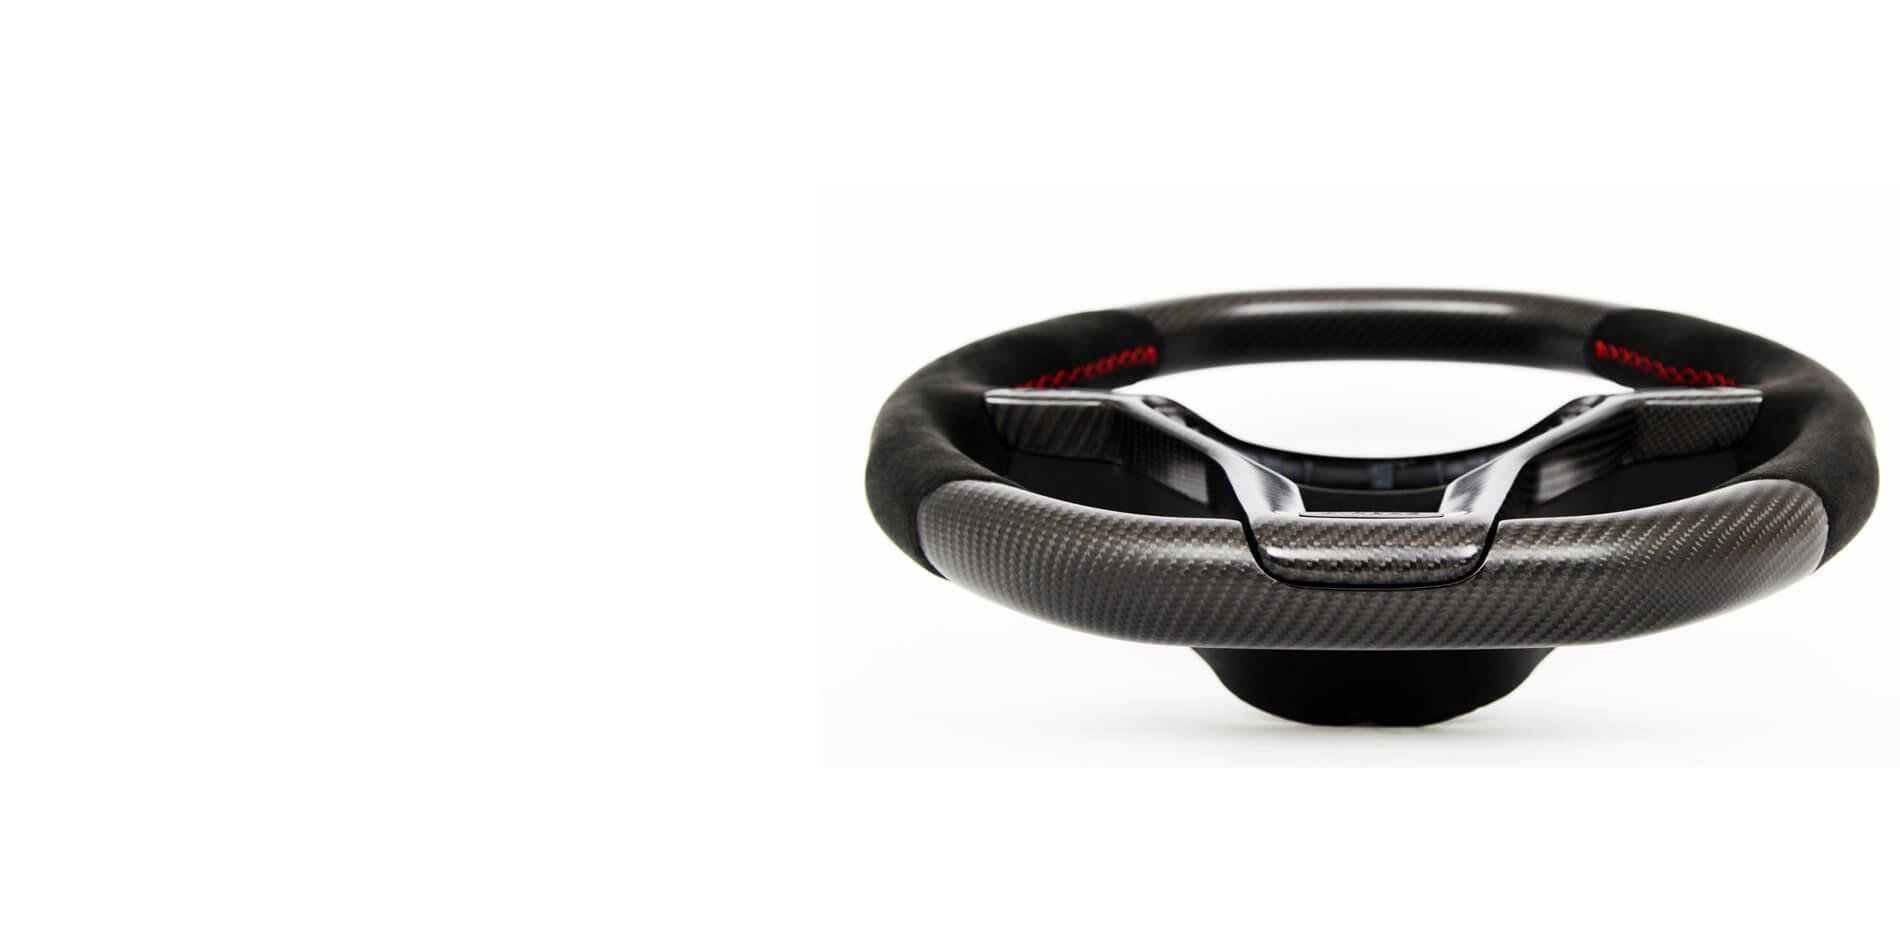 Carbon Fibre Steering Wheel